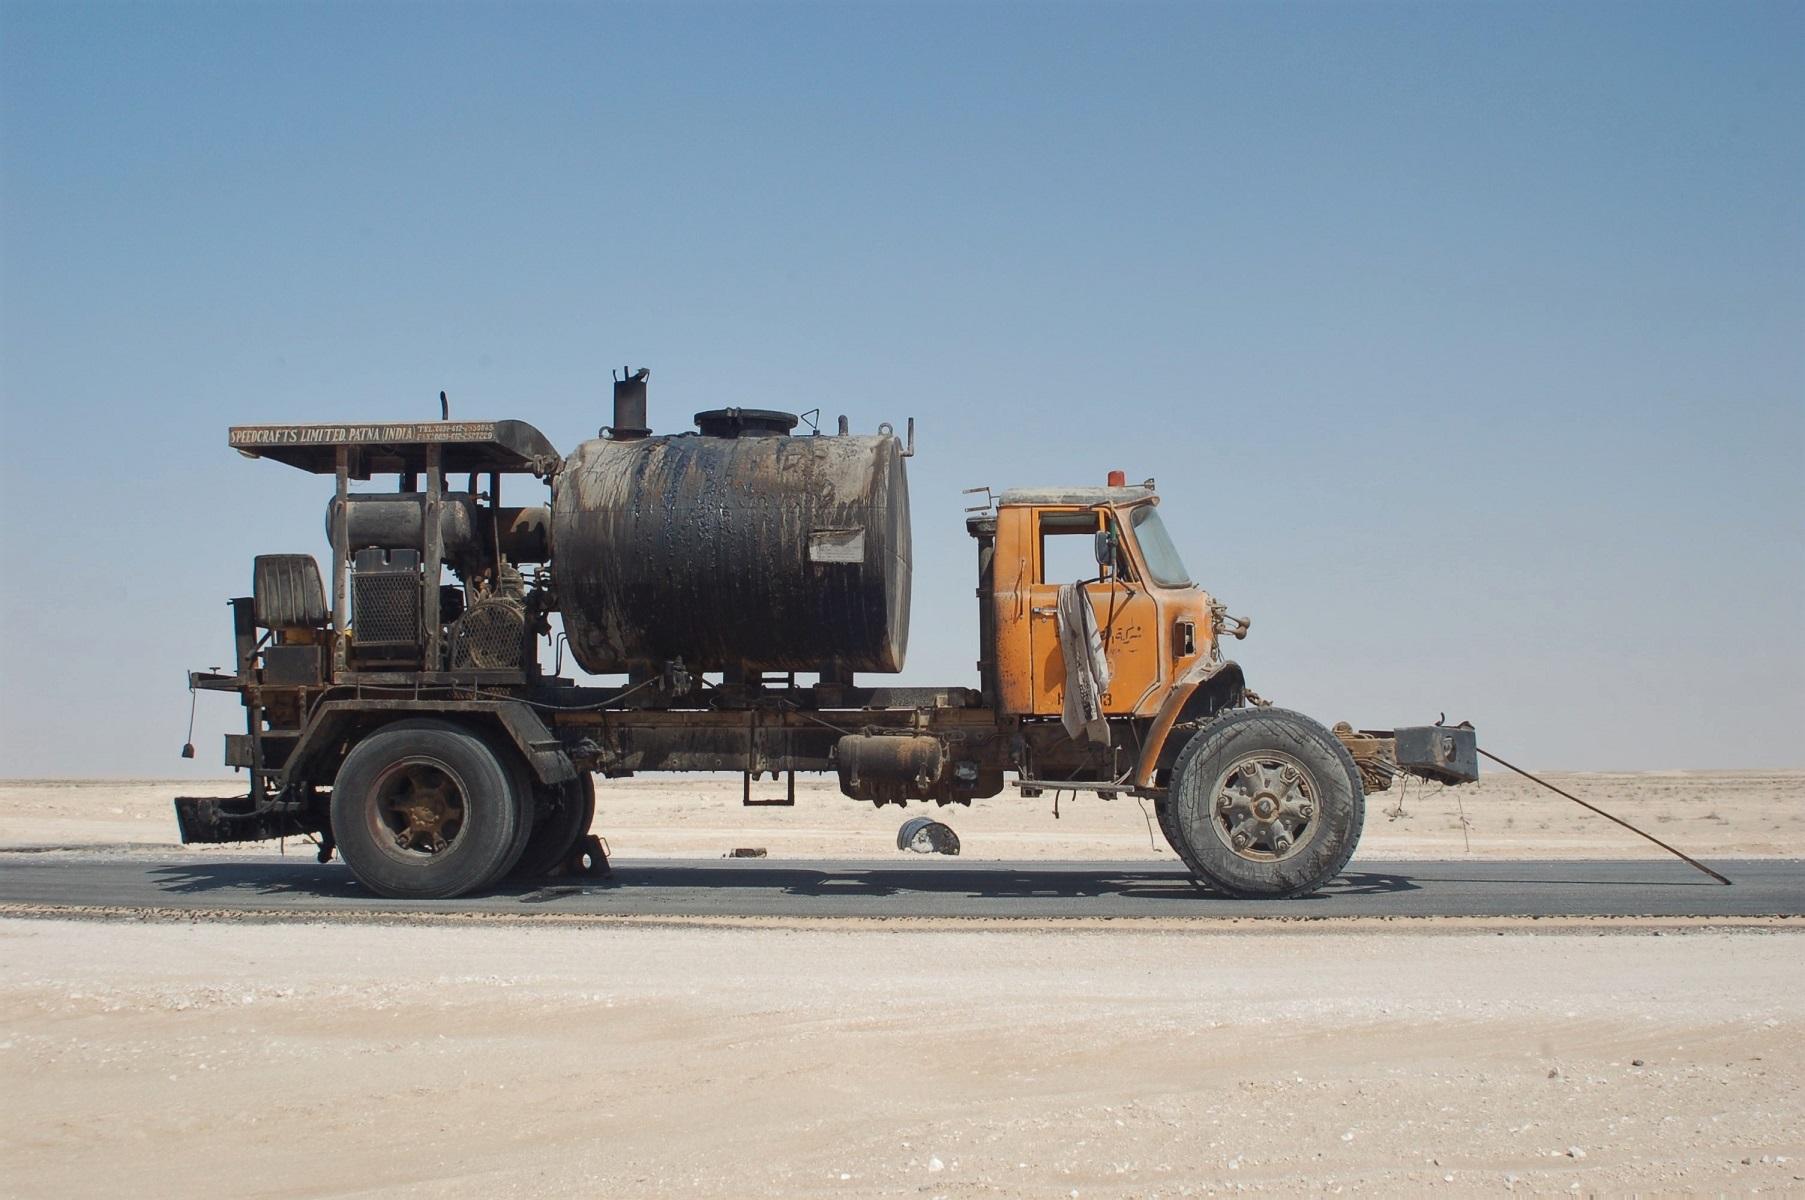 Ein alter Hino LKW, sein Tacho ist weit nach 900.000 km stehen geblieben.